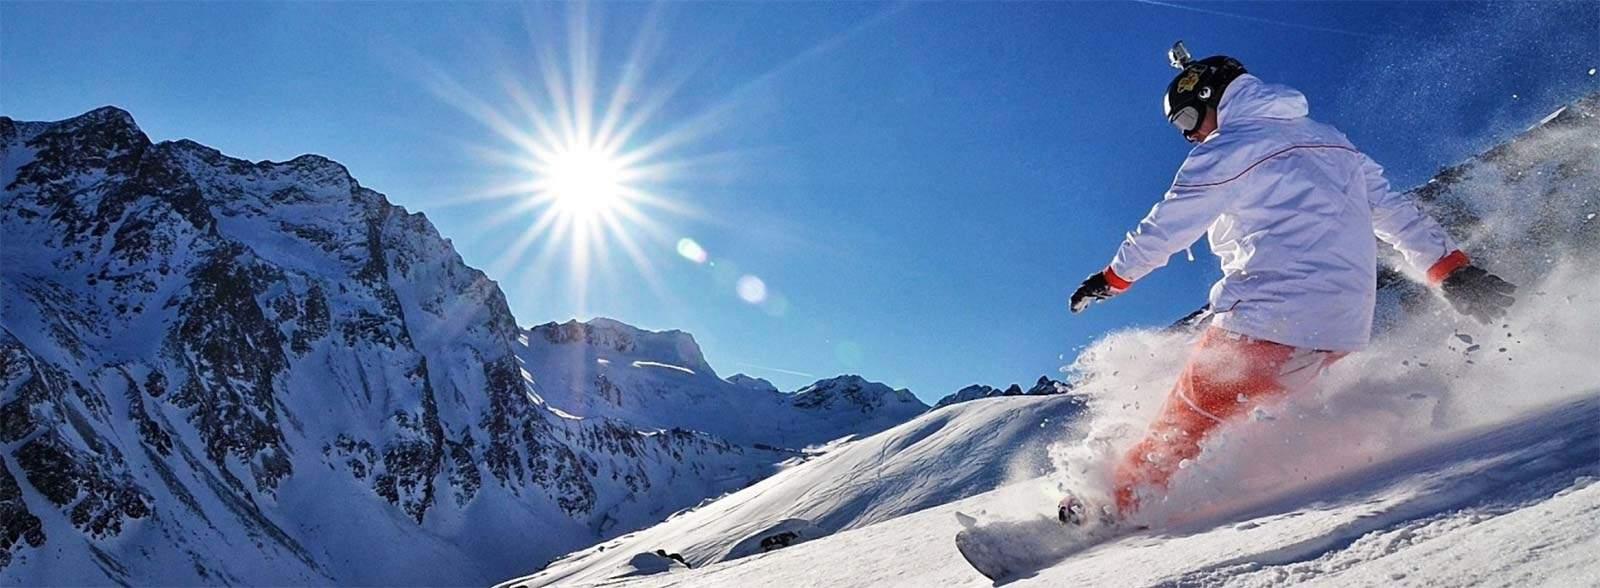 Snowboard & Ski-freestyle